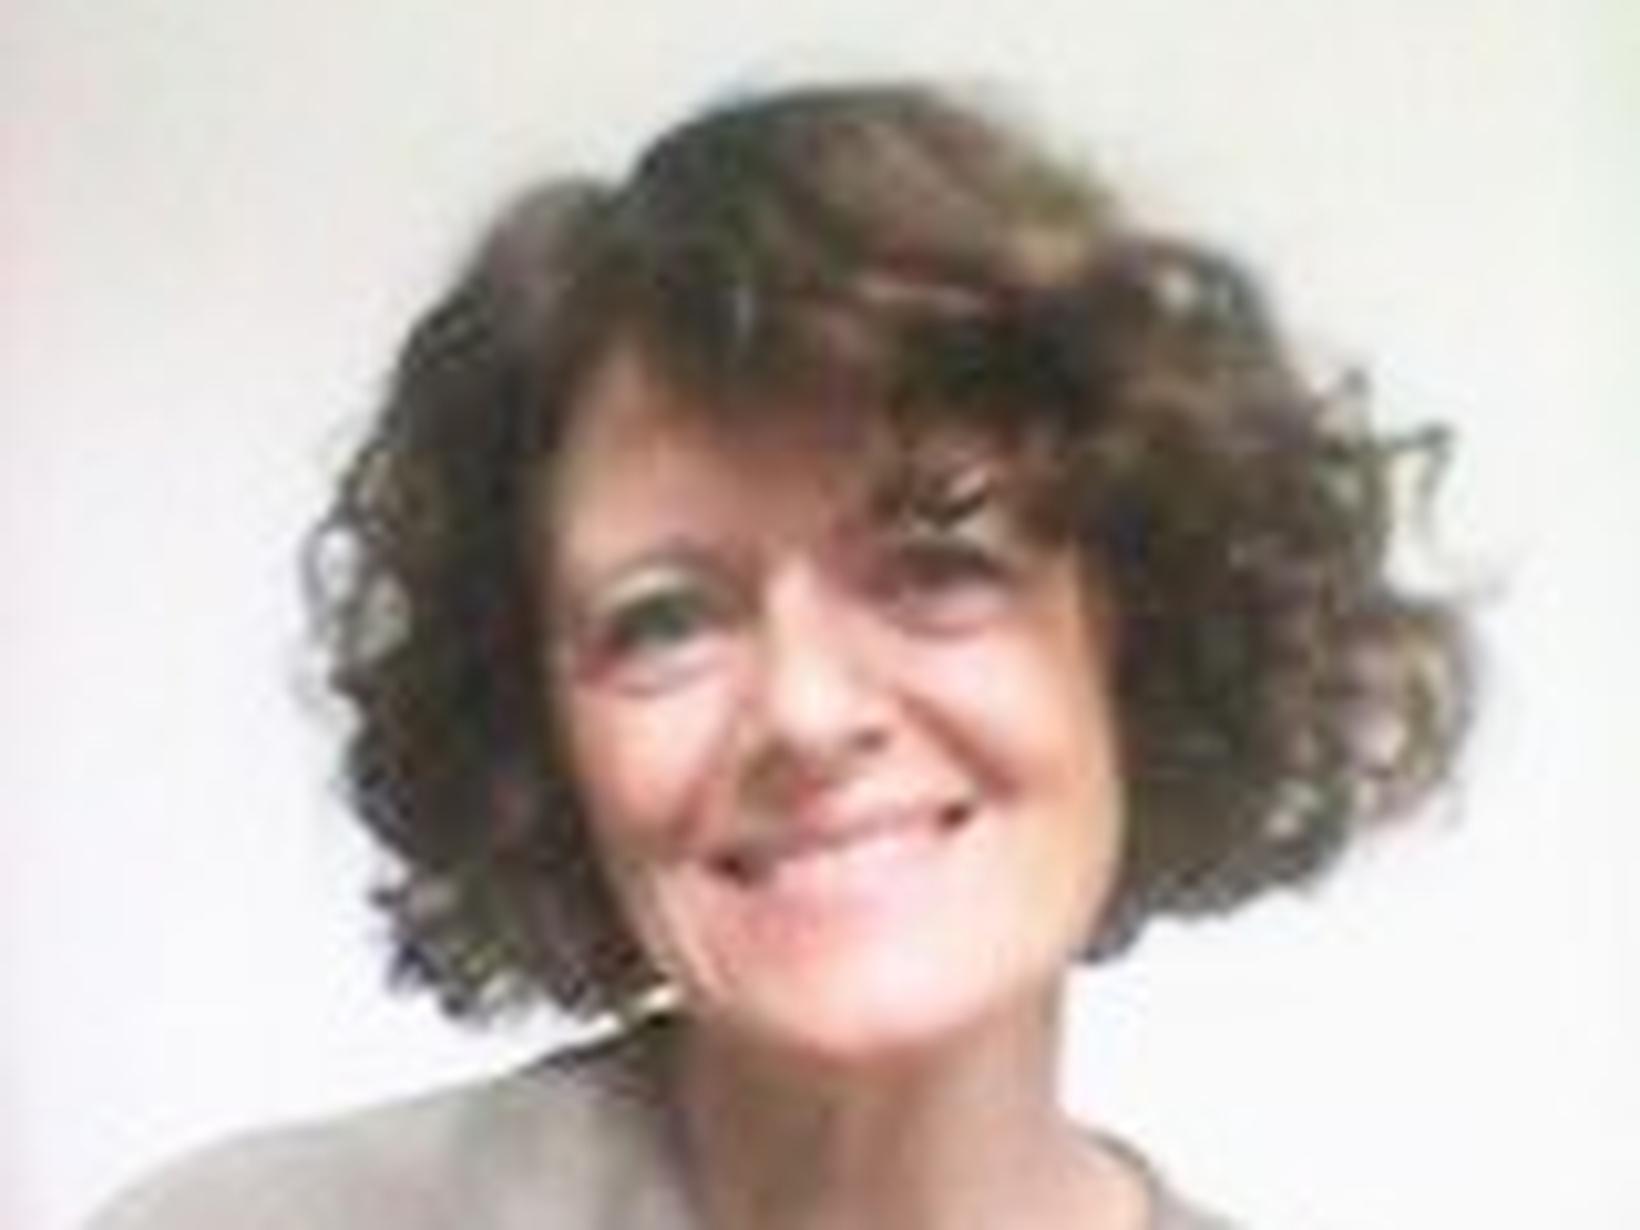 Alison from Greenwich, United Kingdom